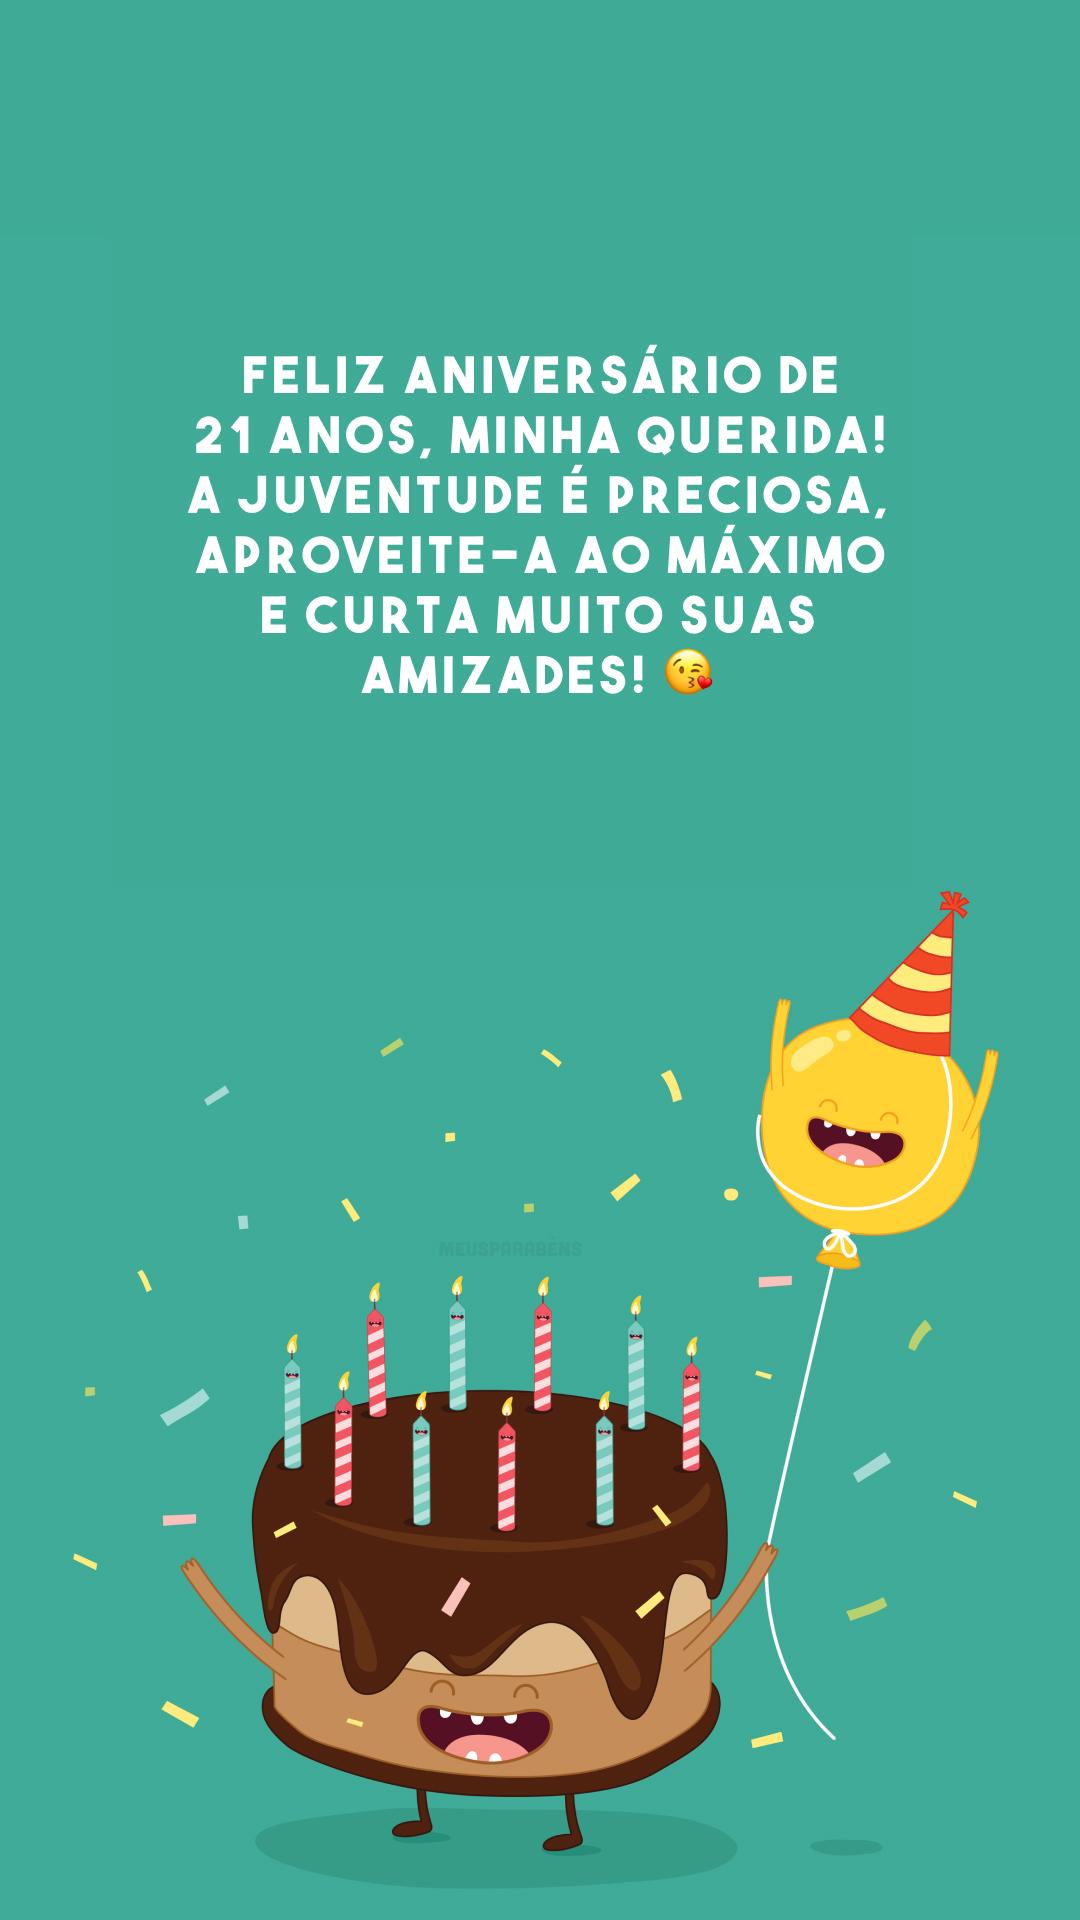 Feliz aniversário de 21 anos, minha querida! A juventude é preciosa, aproveite-a ao máximo e curta muito suas amizades! 😘